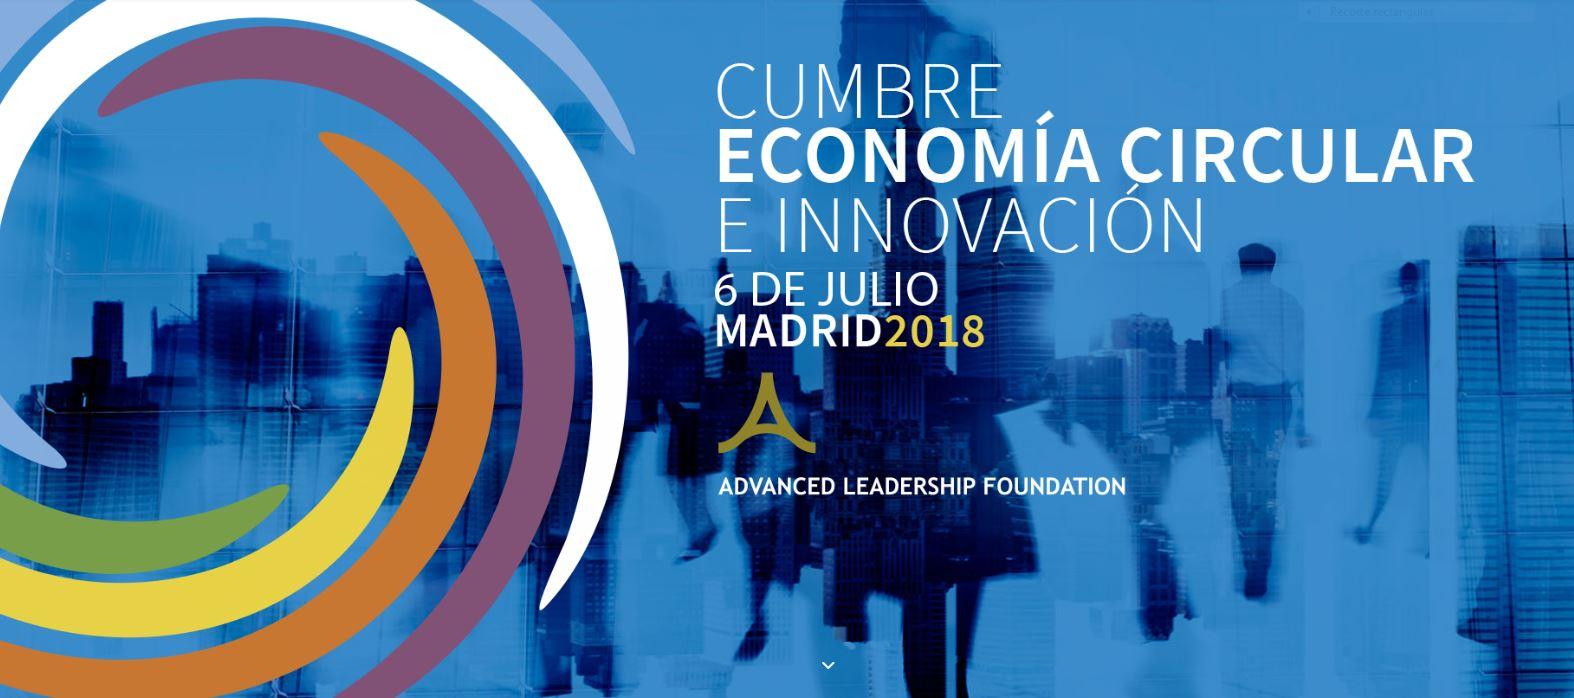 Cumbre sobre Economía Circular e Innovación en España